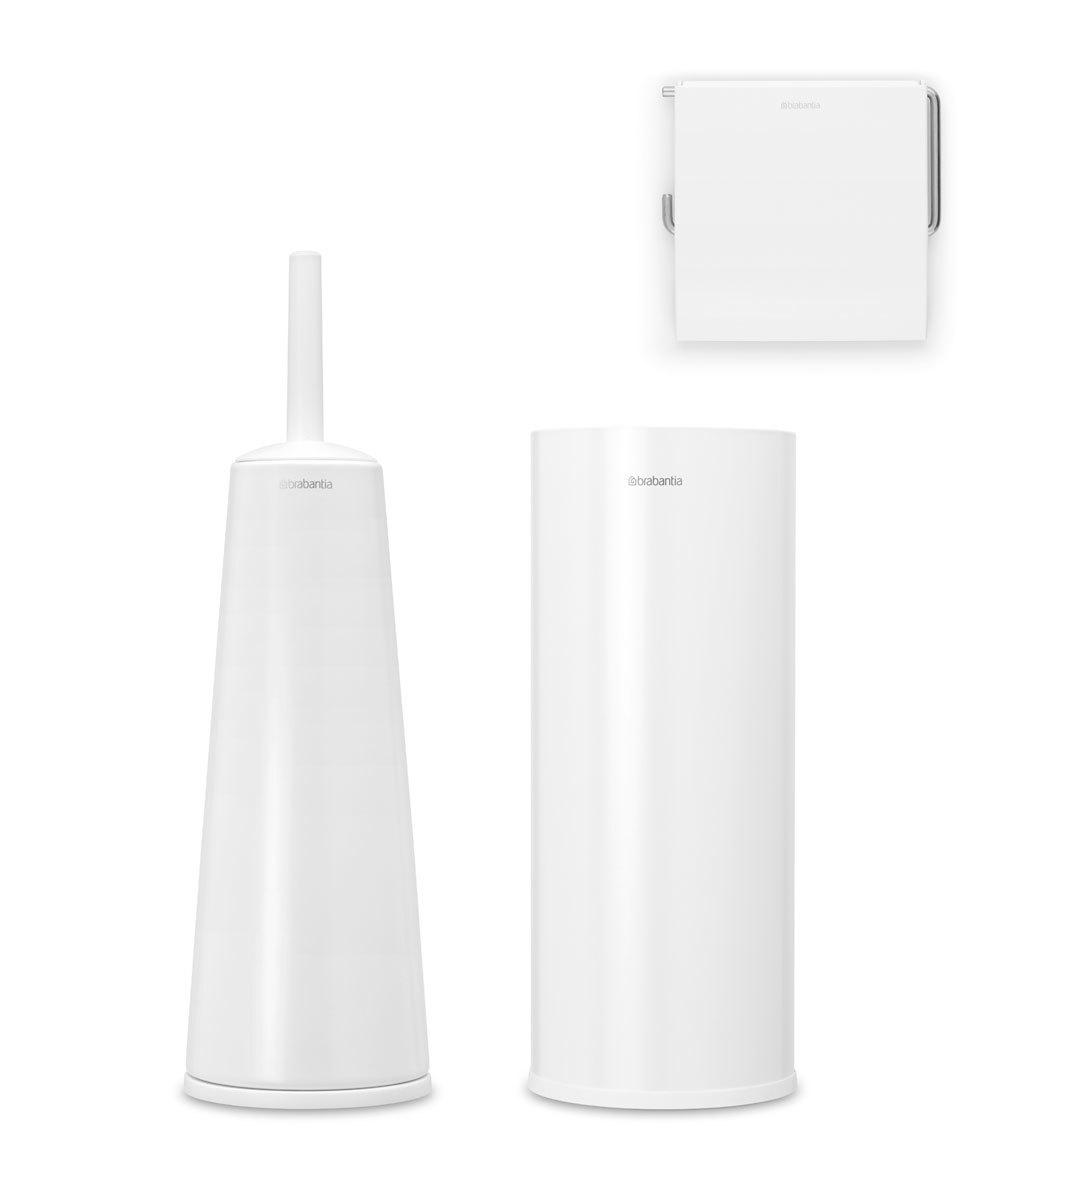 Набор аксессуаров для туалетной комнаты ReNew, 3 пр., Белый, арт. 280627 - фото 1